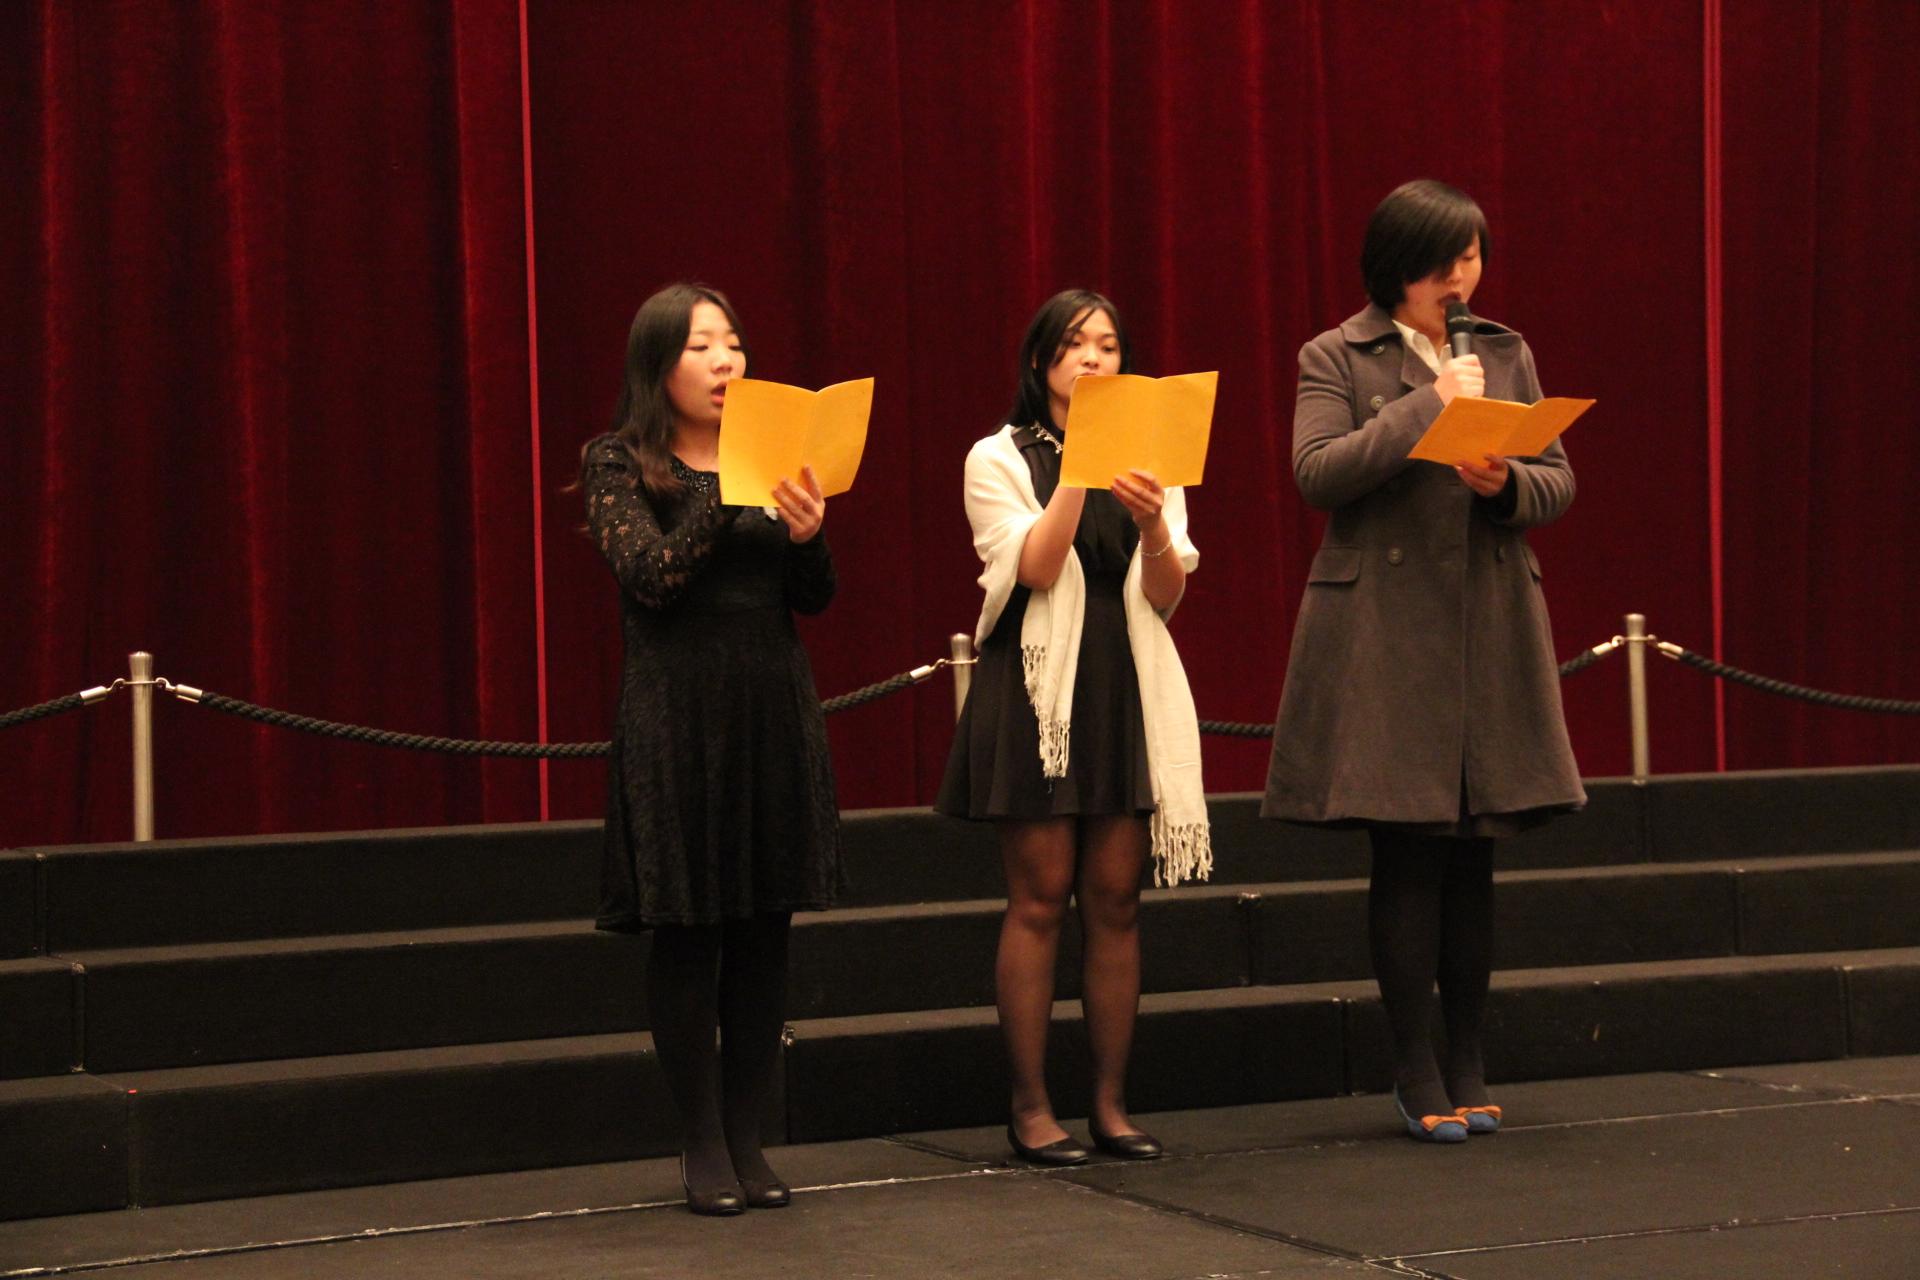 East Asia College members Ms. Wang Yawei, Ms. Chan Choi Ieng and Ms. Shen Qiaochu sing Christmas carols